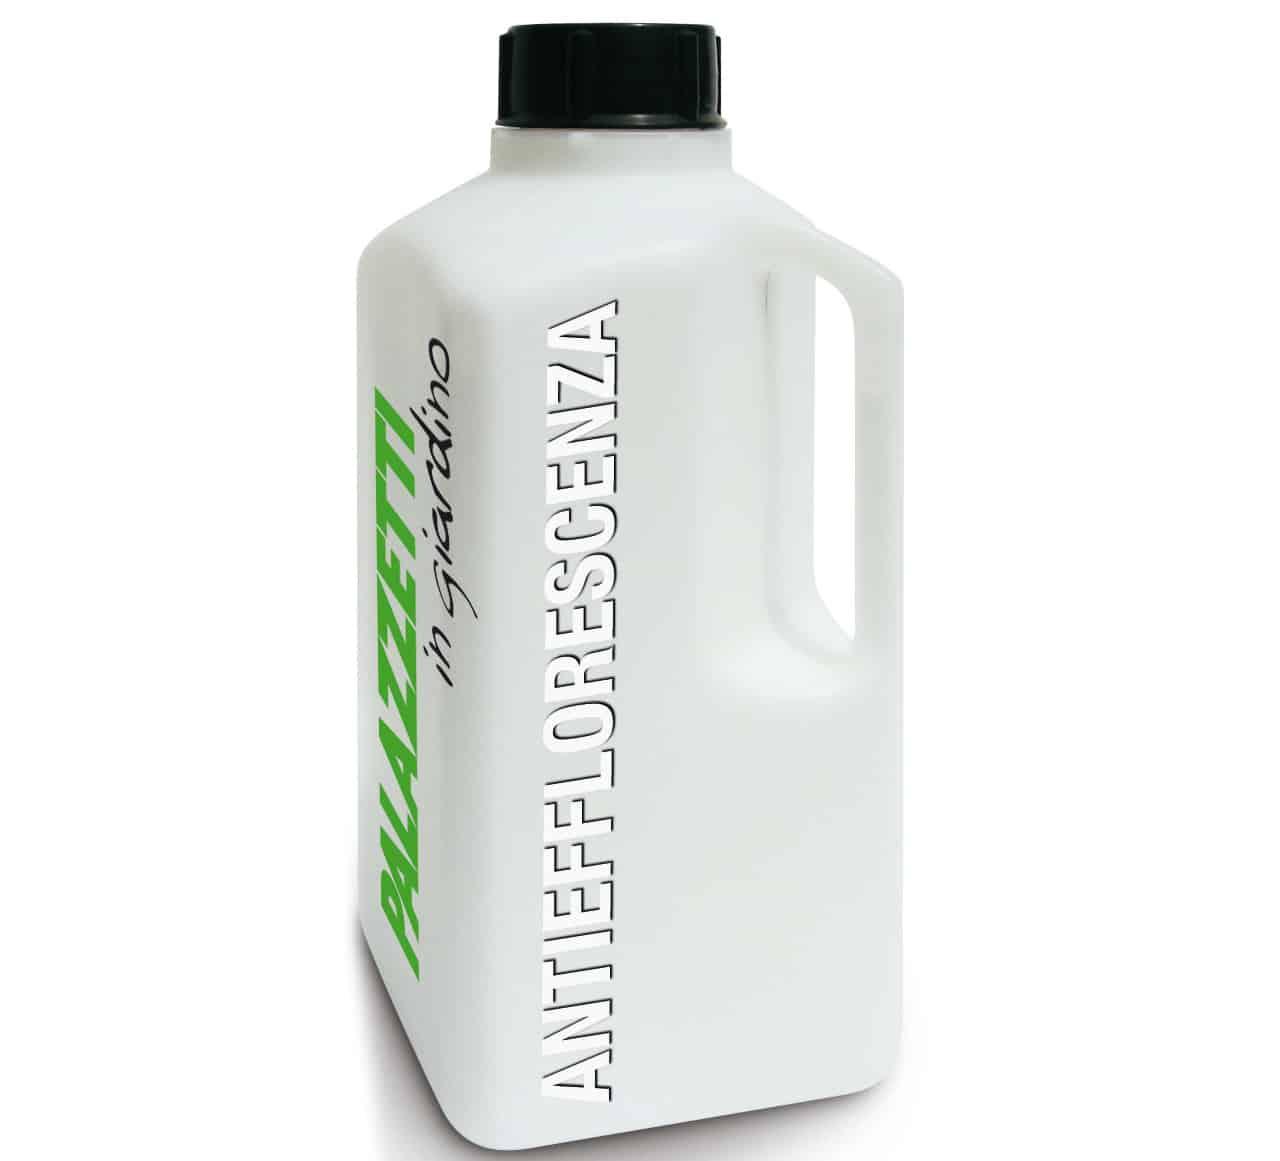 2358-Palazzetti-Zubehoer-Wasserschutzbeh-0-1530861518